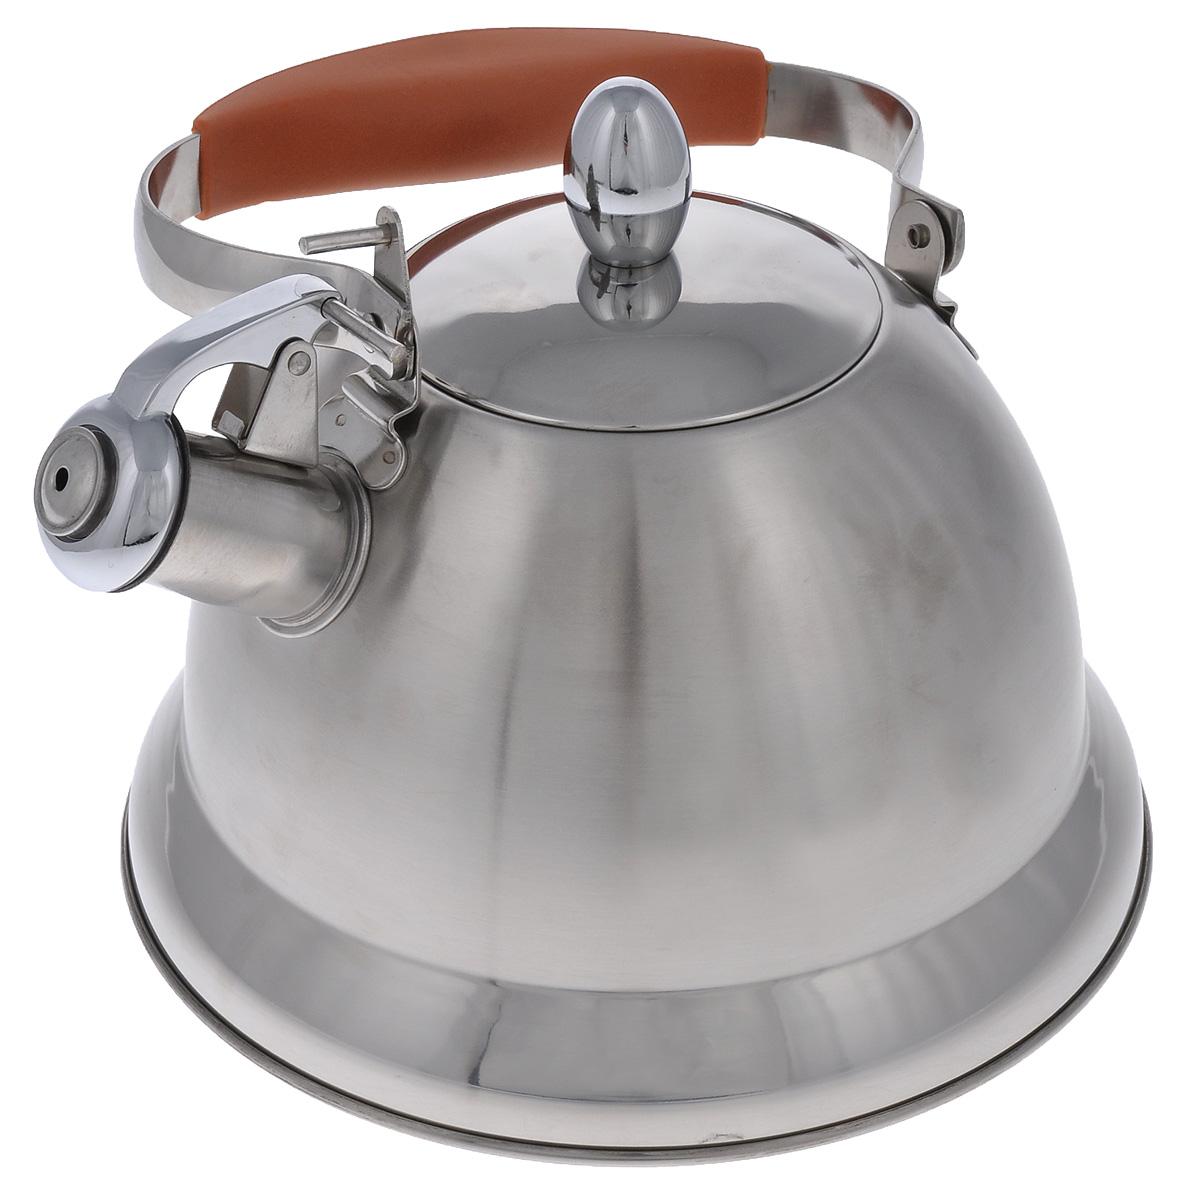 Чайник Mayer & Boch со свистком, цвет: оранжевый, стальной, 3 л. 2320623206Чайник Mayer & Boch выполнен из высококачественной нержавеющей стали, что обеспечивает долговечность использования. Сочетание матовой и глянцевой поверхности придает посуде эстетичный внешний вид. Ручка оснащена силиконовой вставкой для предотвращения ожогов на руках. Чайник снабжен свистком и устройством для открывания носика. Можно мыть в посудомоечной машине. Пригоден для газовой, электрической, стеклокерамической, галогеновой плиты. Диаметр (по верхнему краю): 10 см. Высота чайника (без учета крышки и ручки): 14 см. Диаметр основания: 22 см.